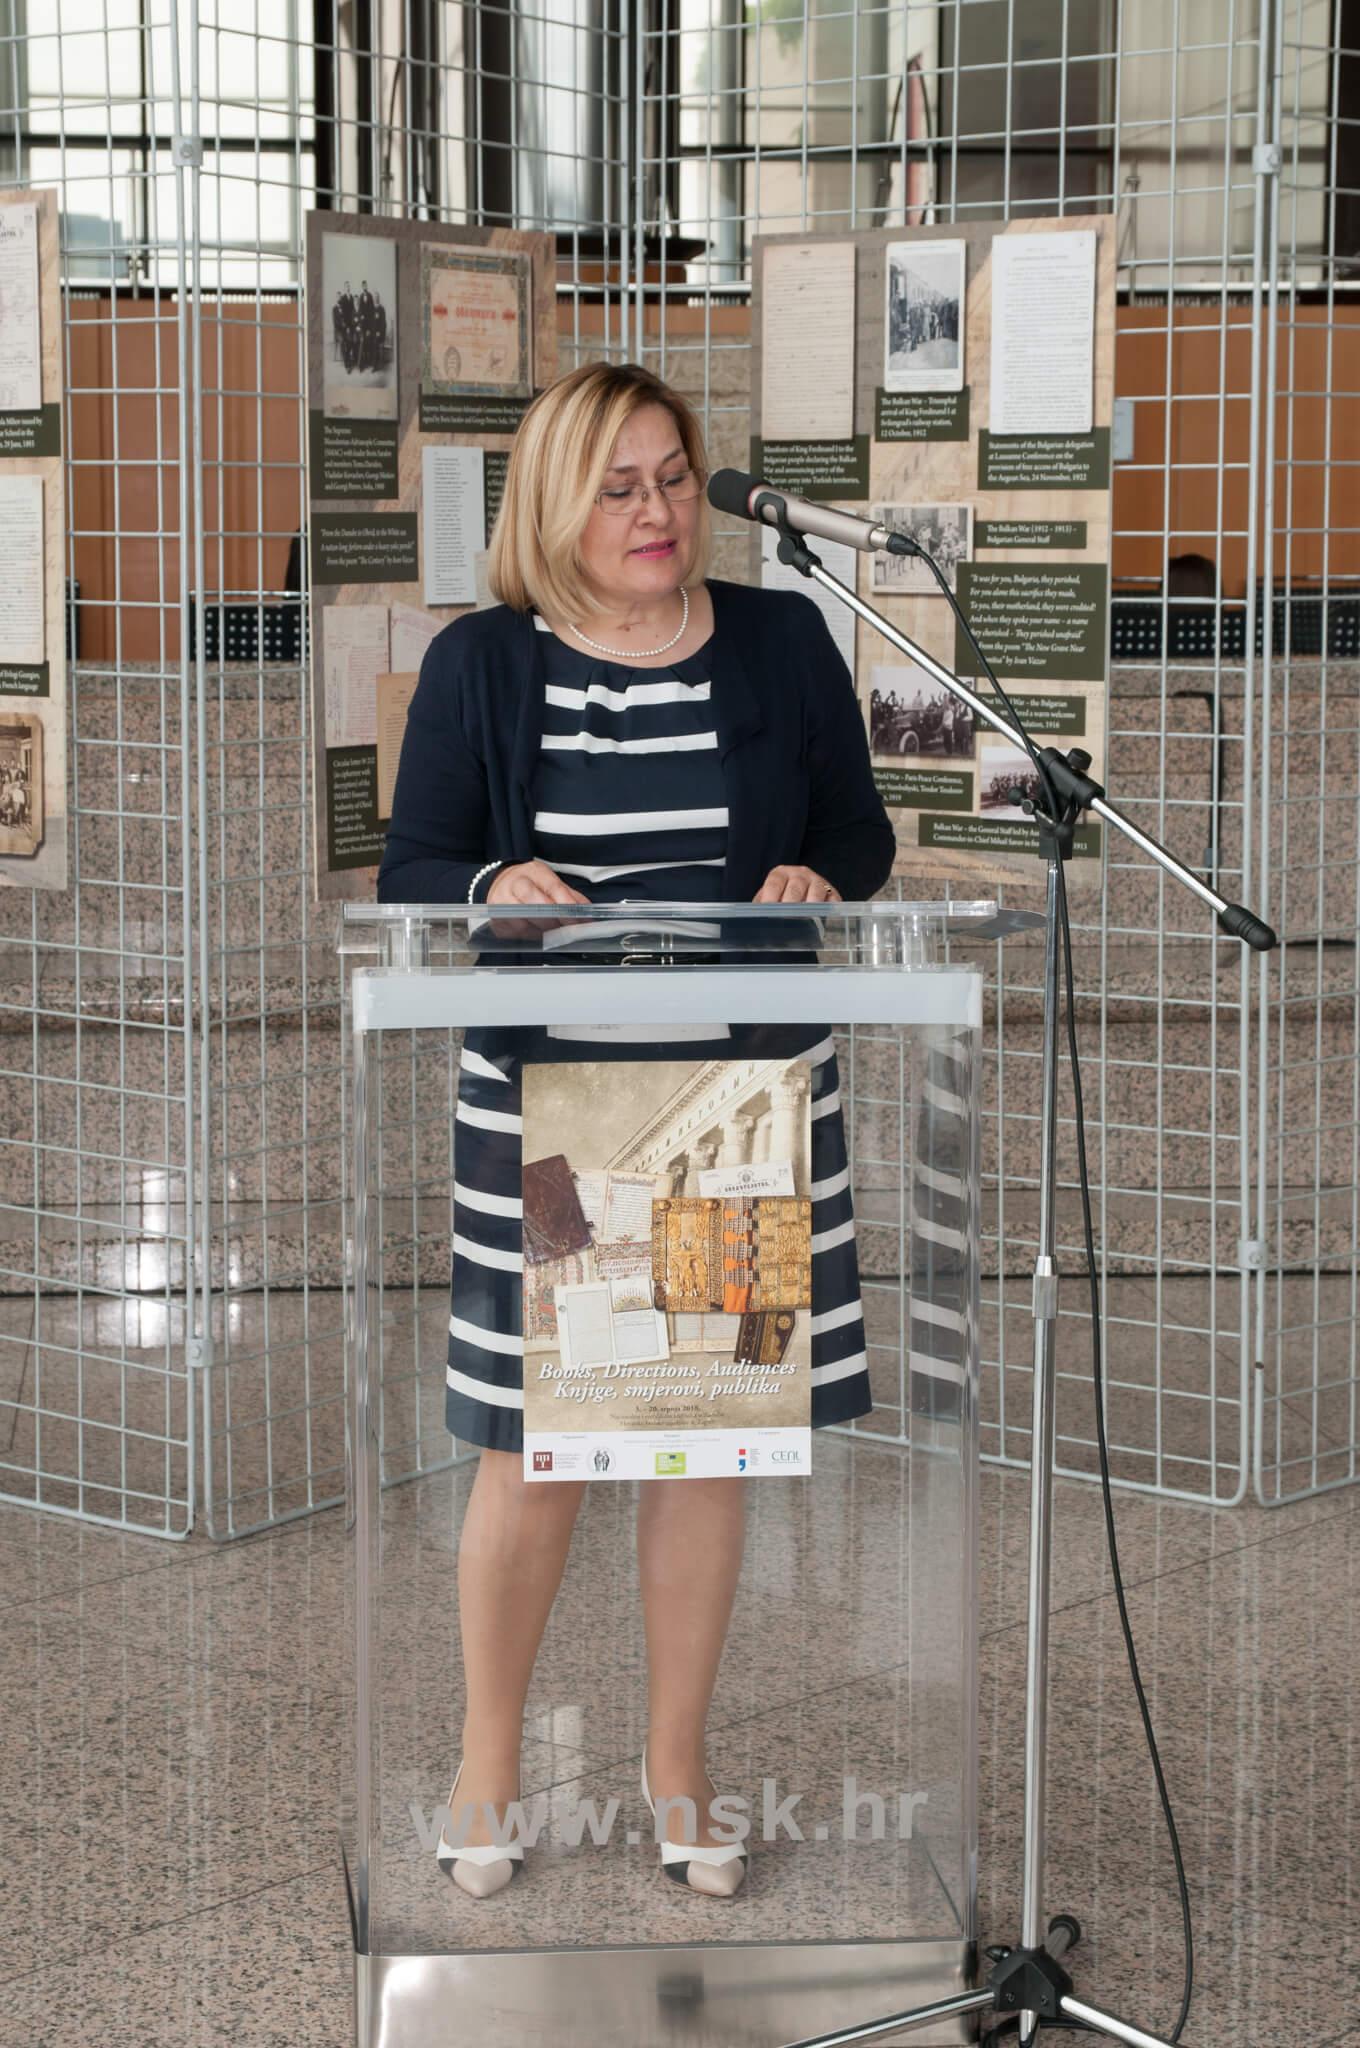 """Dr. sc. Tatijana Petrić, glavna ravnateljica Nacionalne i sveučilišne knjižnice u Zagrebu, obratila se uzvanicima na svečanom otvorenju izložbe """"Books, Directions, Audiences""""."""